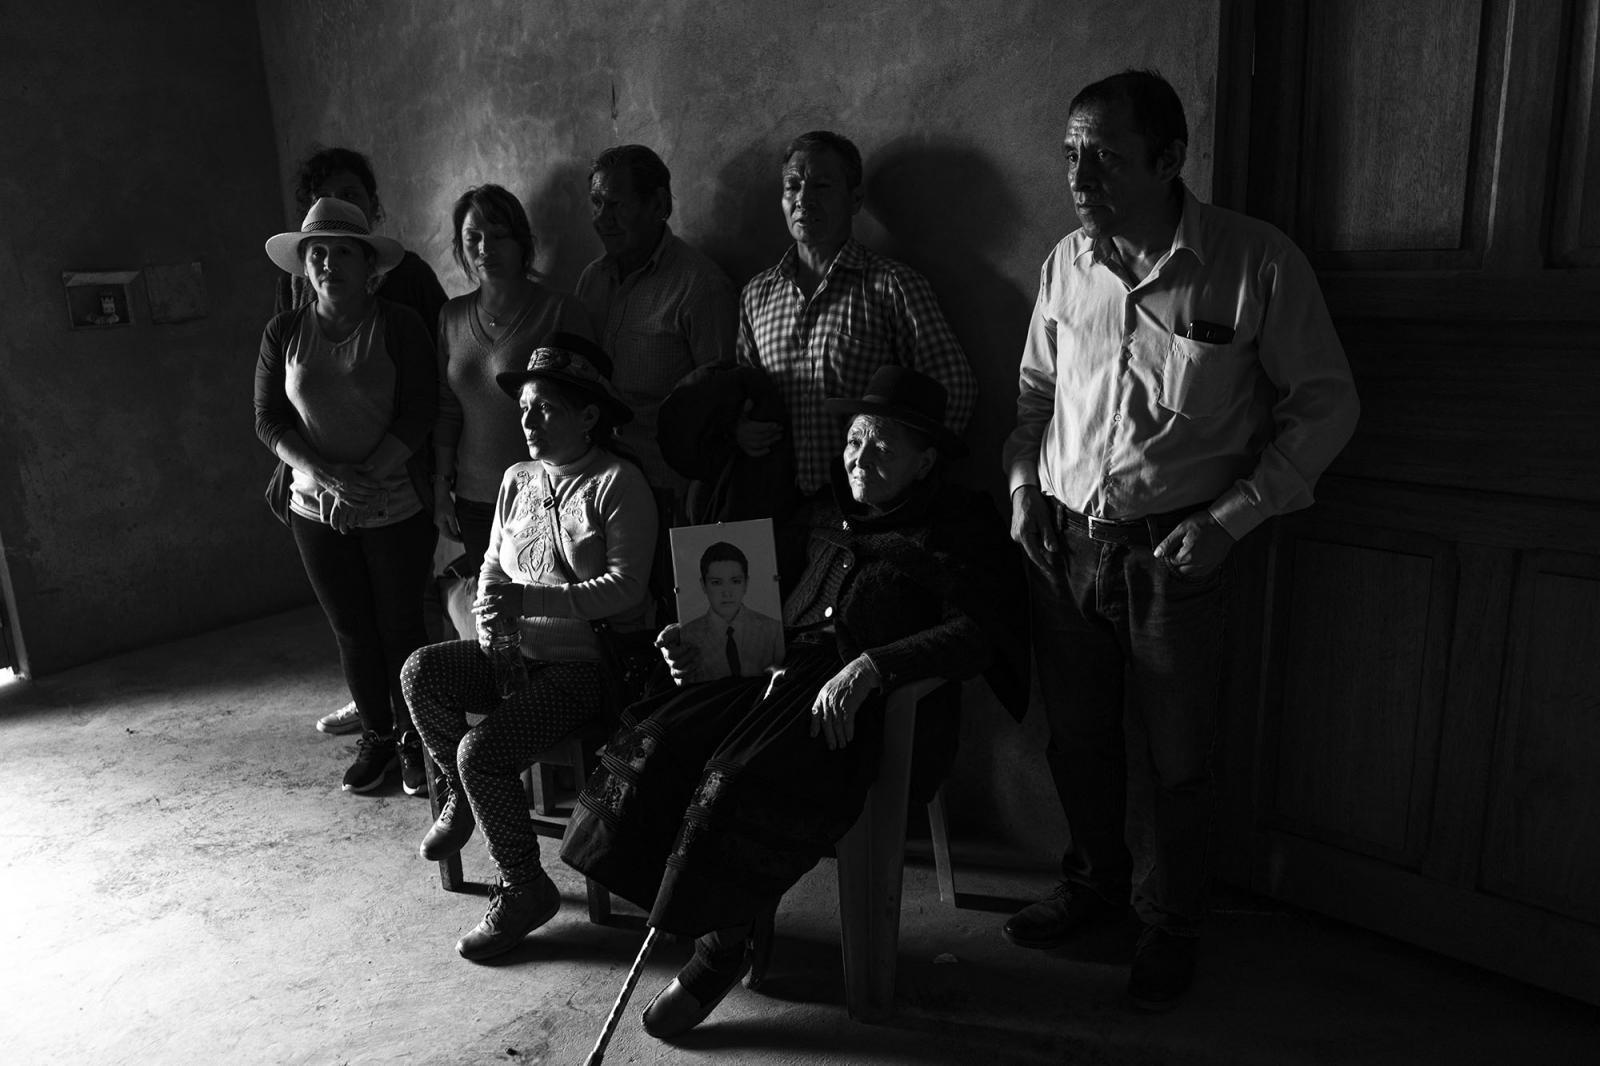 Madre y hermanos de Apolinario Pizarro Zarate se reúnen en el local comunal para la ceremonia de restitución.